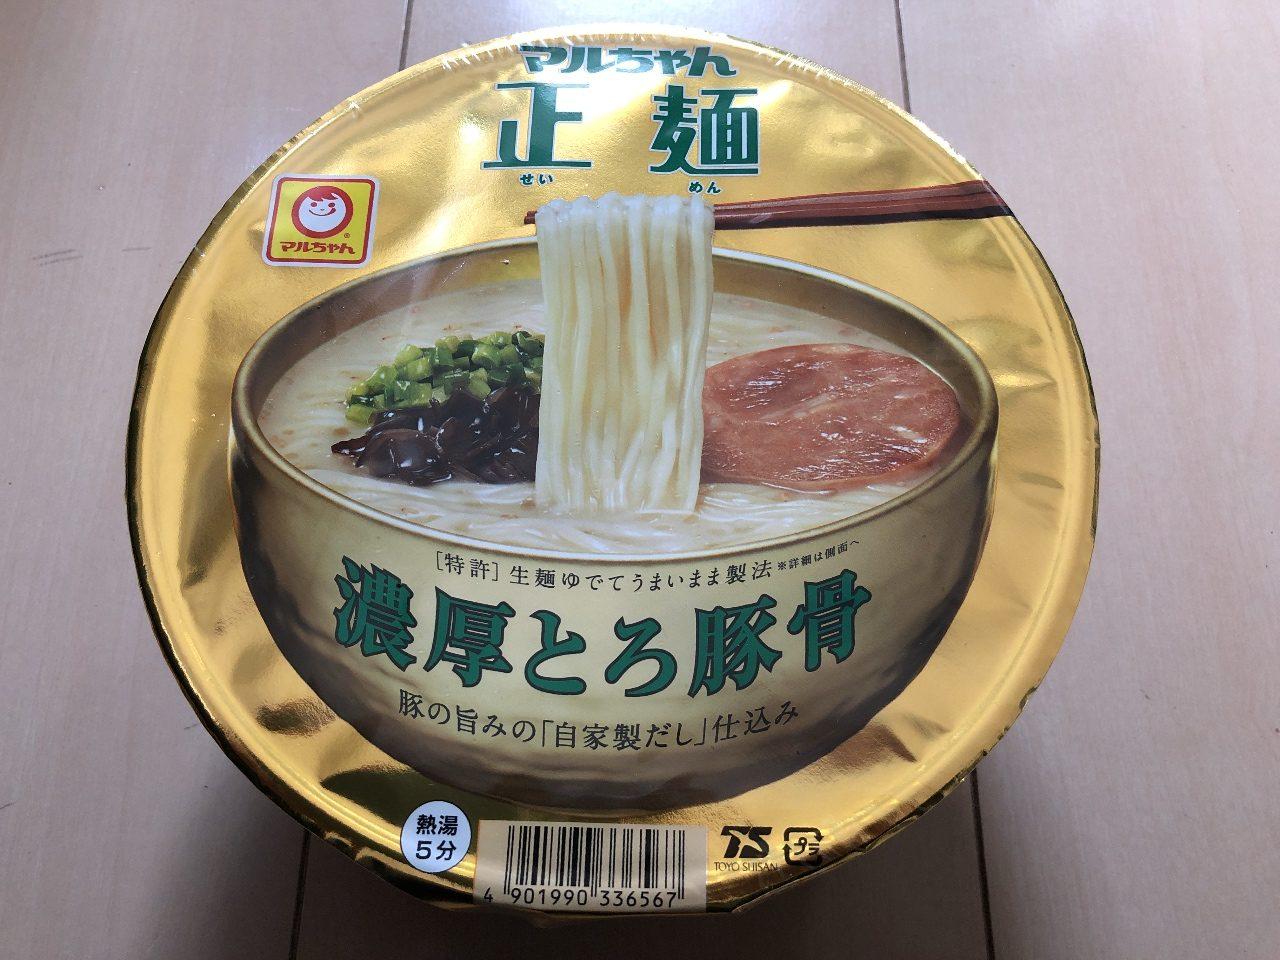 マルちゃん正麺カップ 「濃厚とろ豚骨」